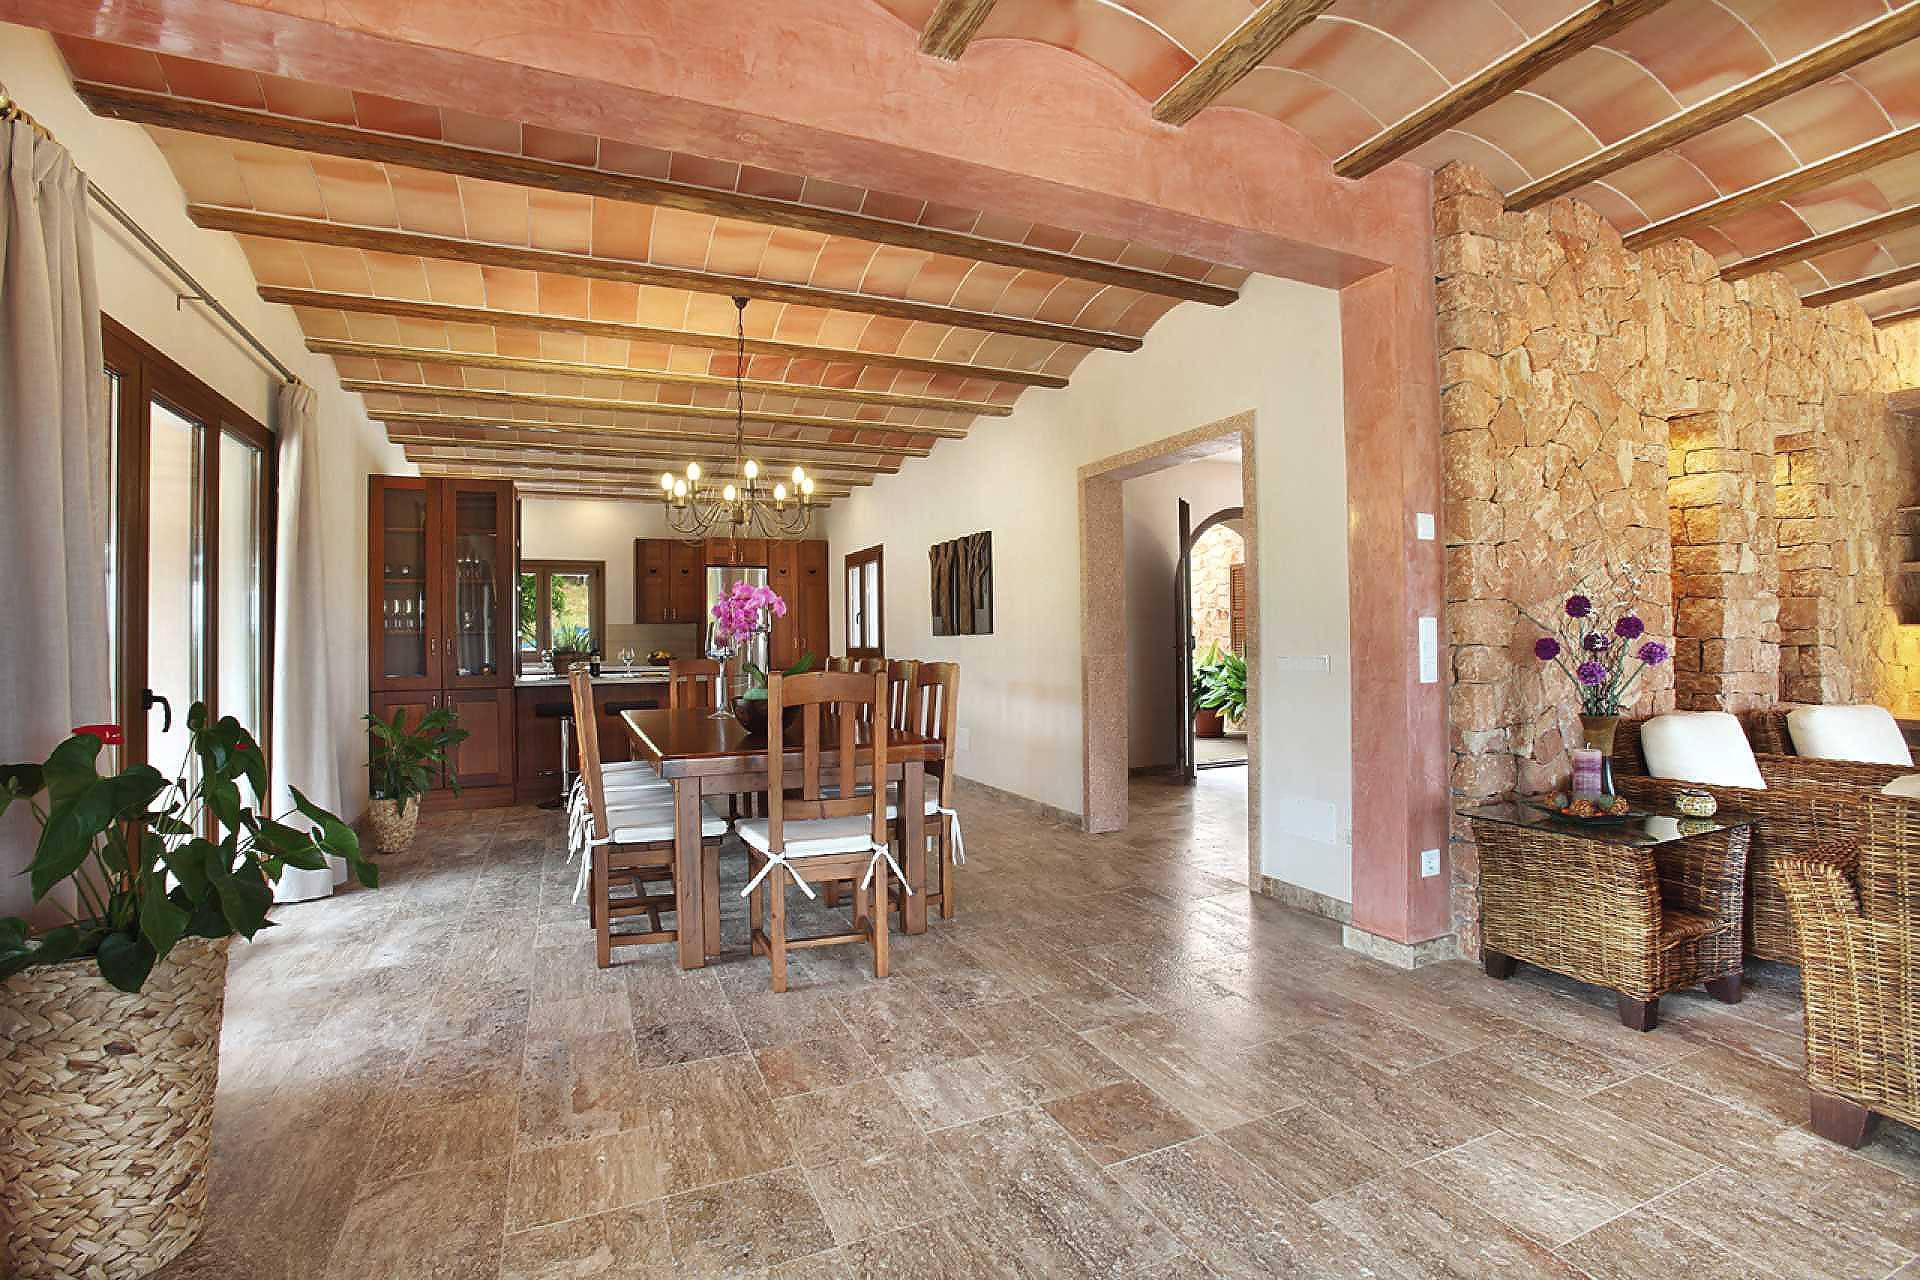 01-45 Exklusive Finca Mallorca Osten Bild 22